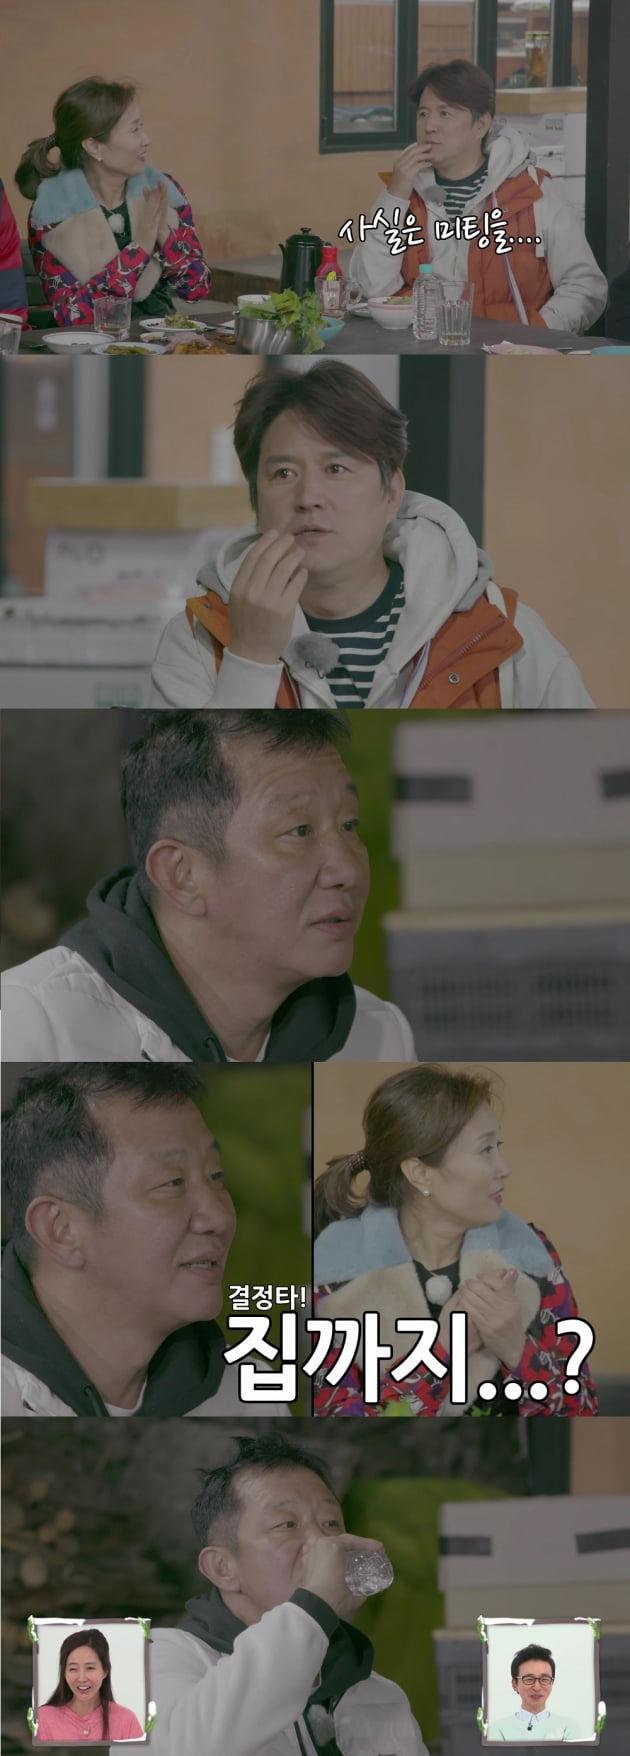 '자연스럽게' 허재 아내와 변우민, 미팅한 사이?